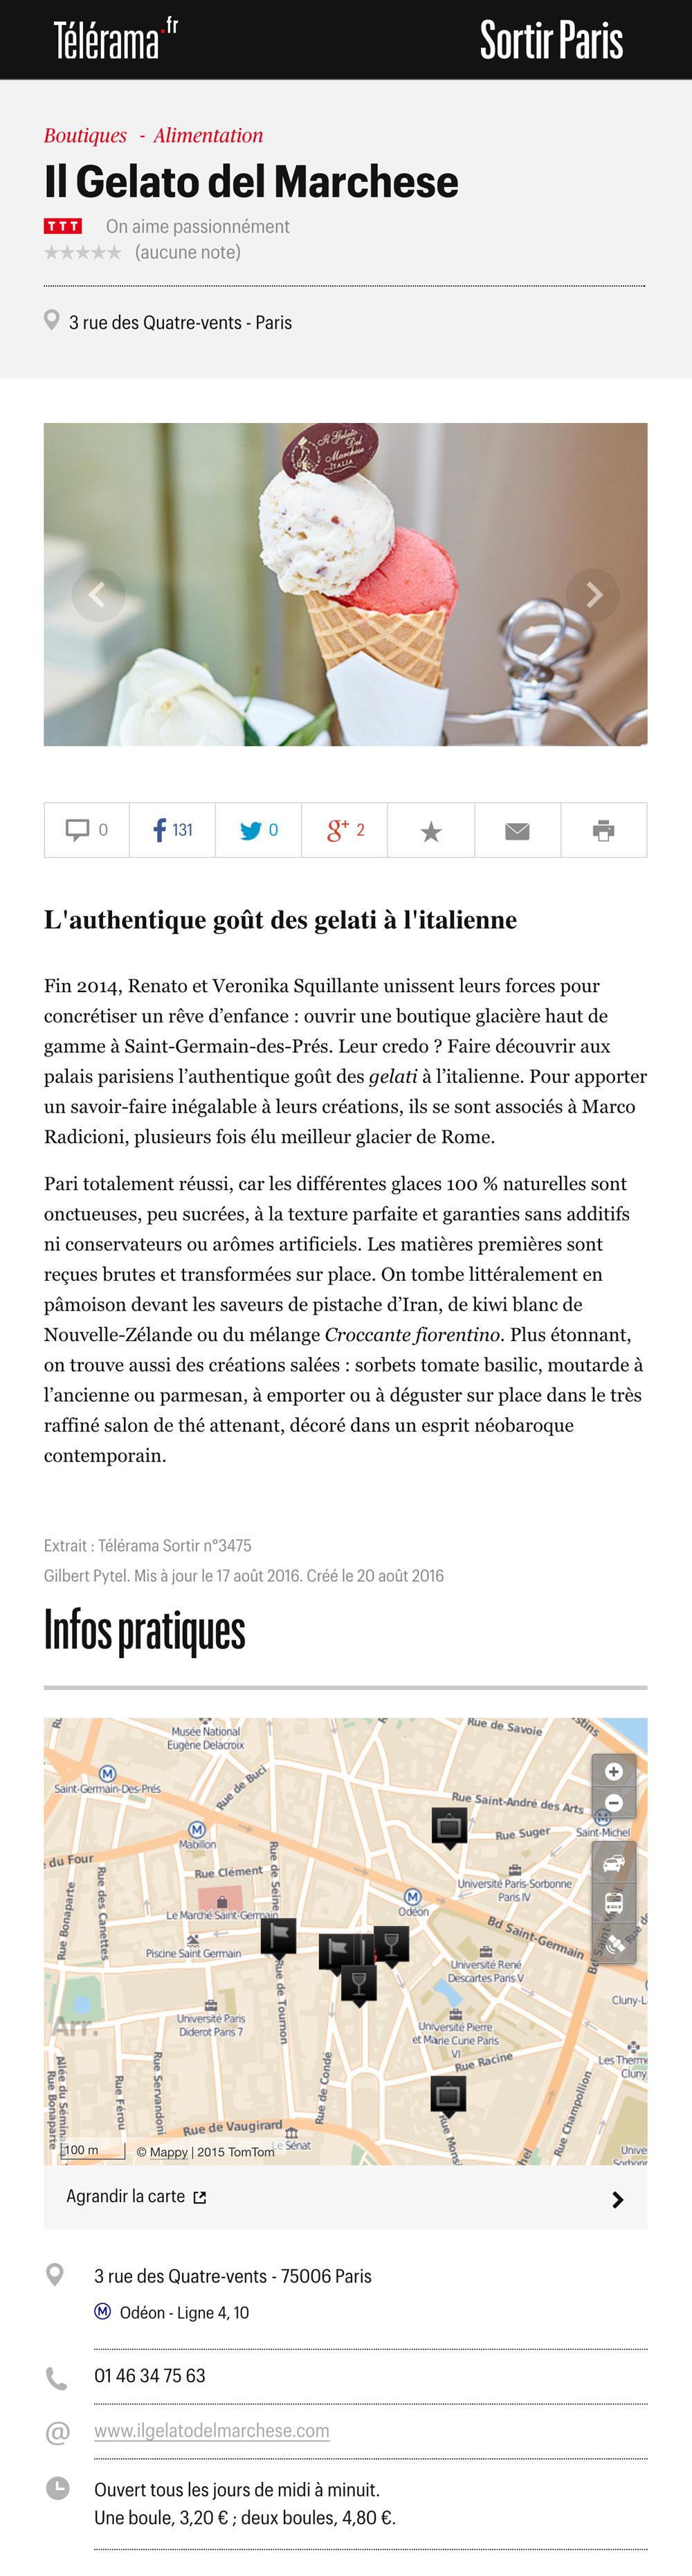 sortir-telerama-paris-lieux-boutiques-il-gelato-del-marchese